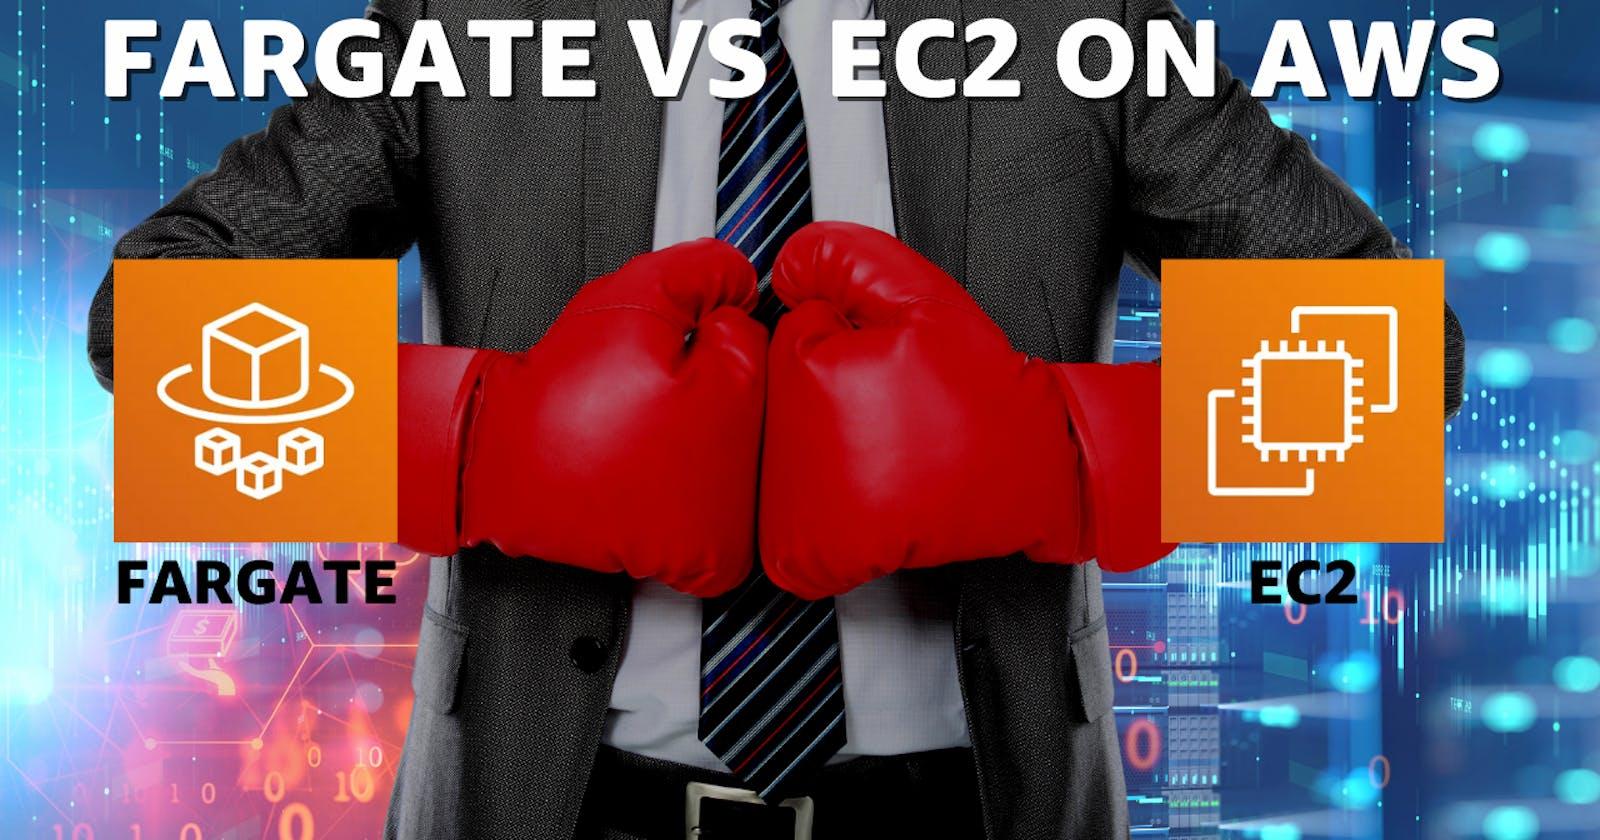 ECS: Serverless or Not? Fargate vs. EC2 Clusters